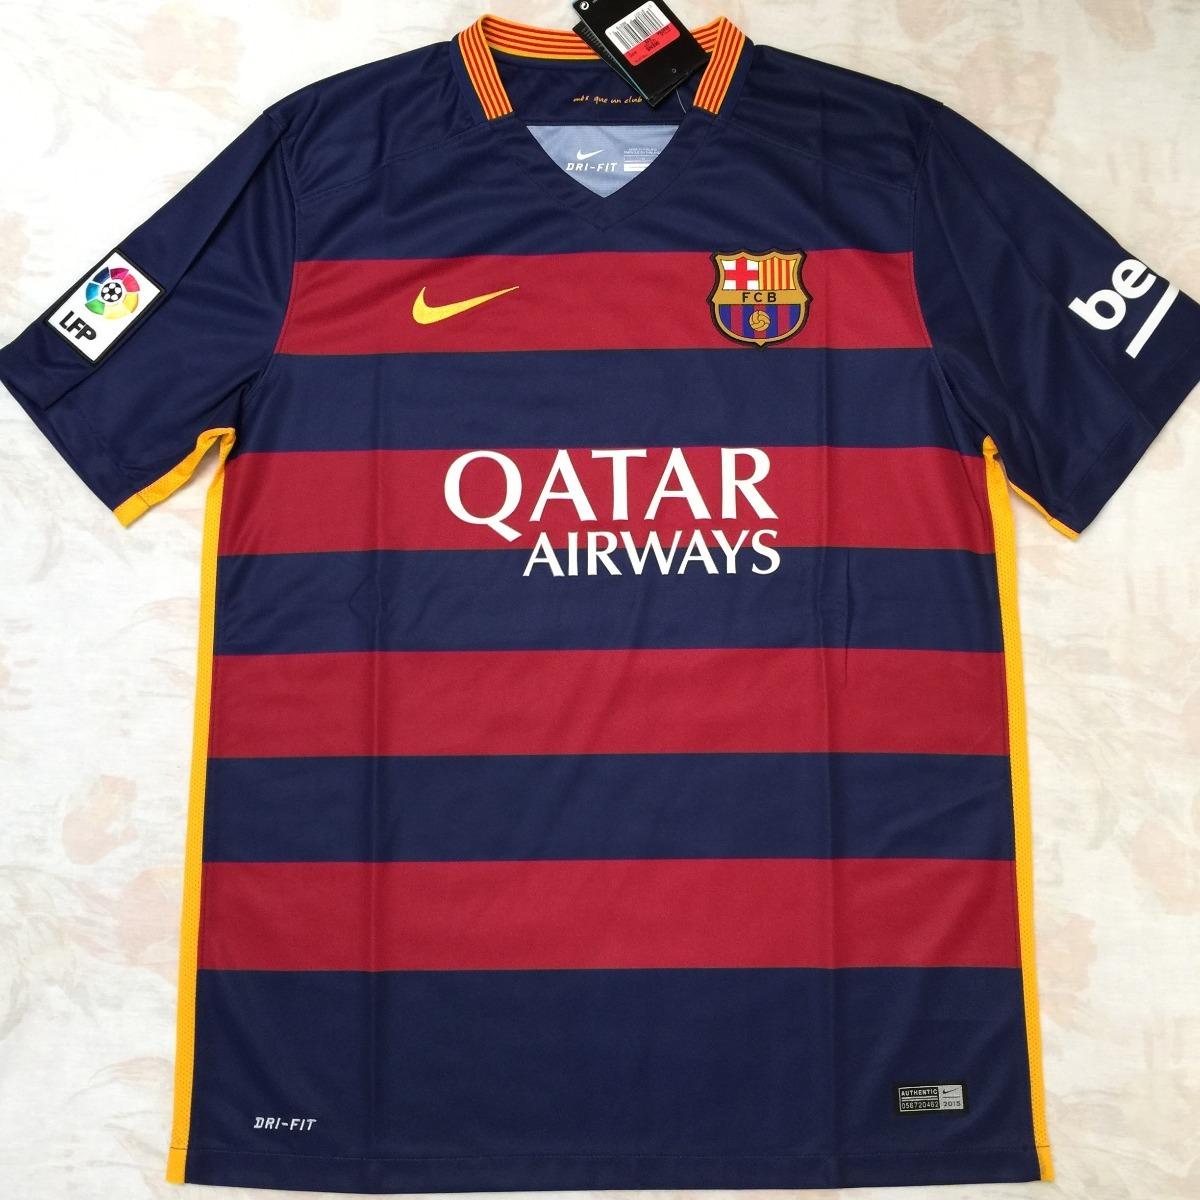 658794-422 Camisa Nike Barcelona Home 15 16 G Fn1608 - R  1.499 05f8b36427479